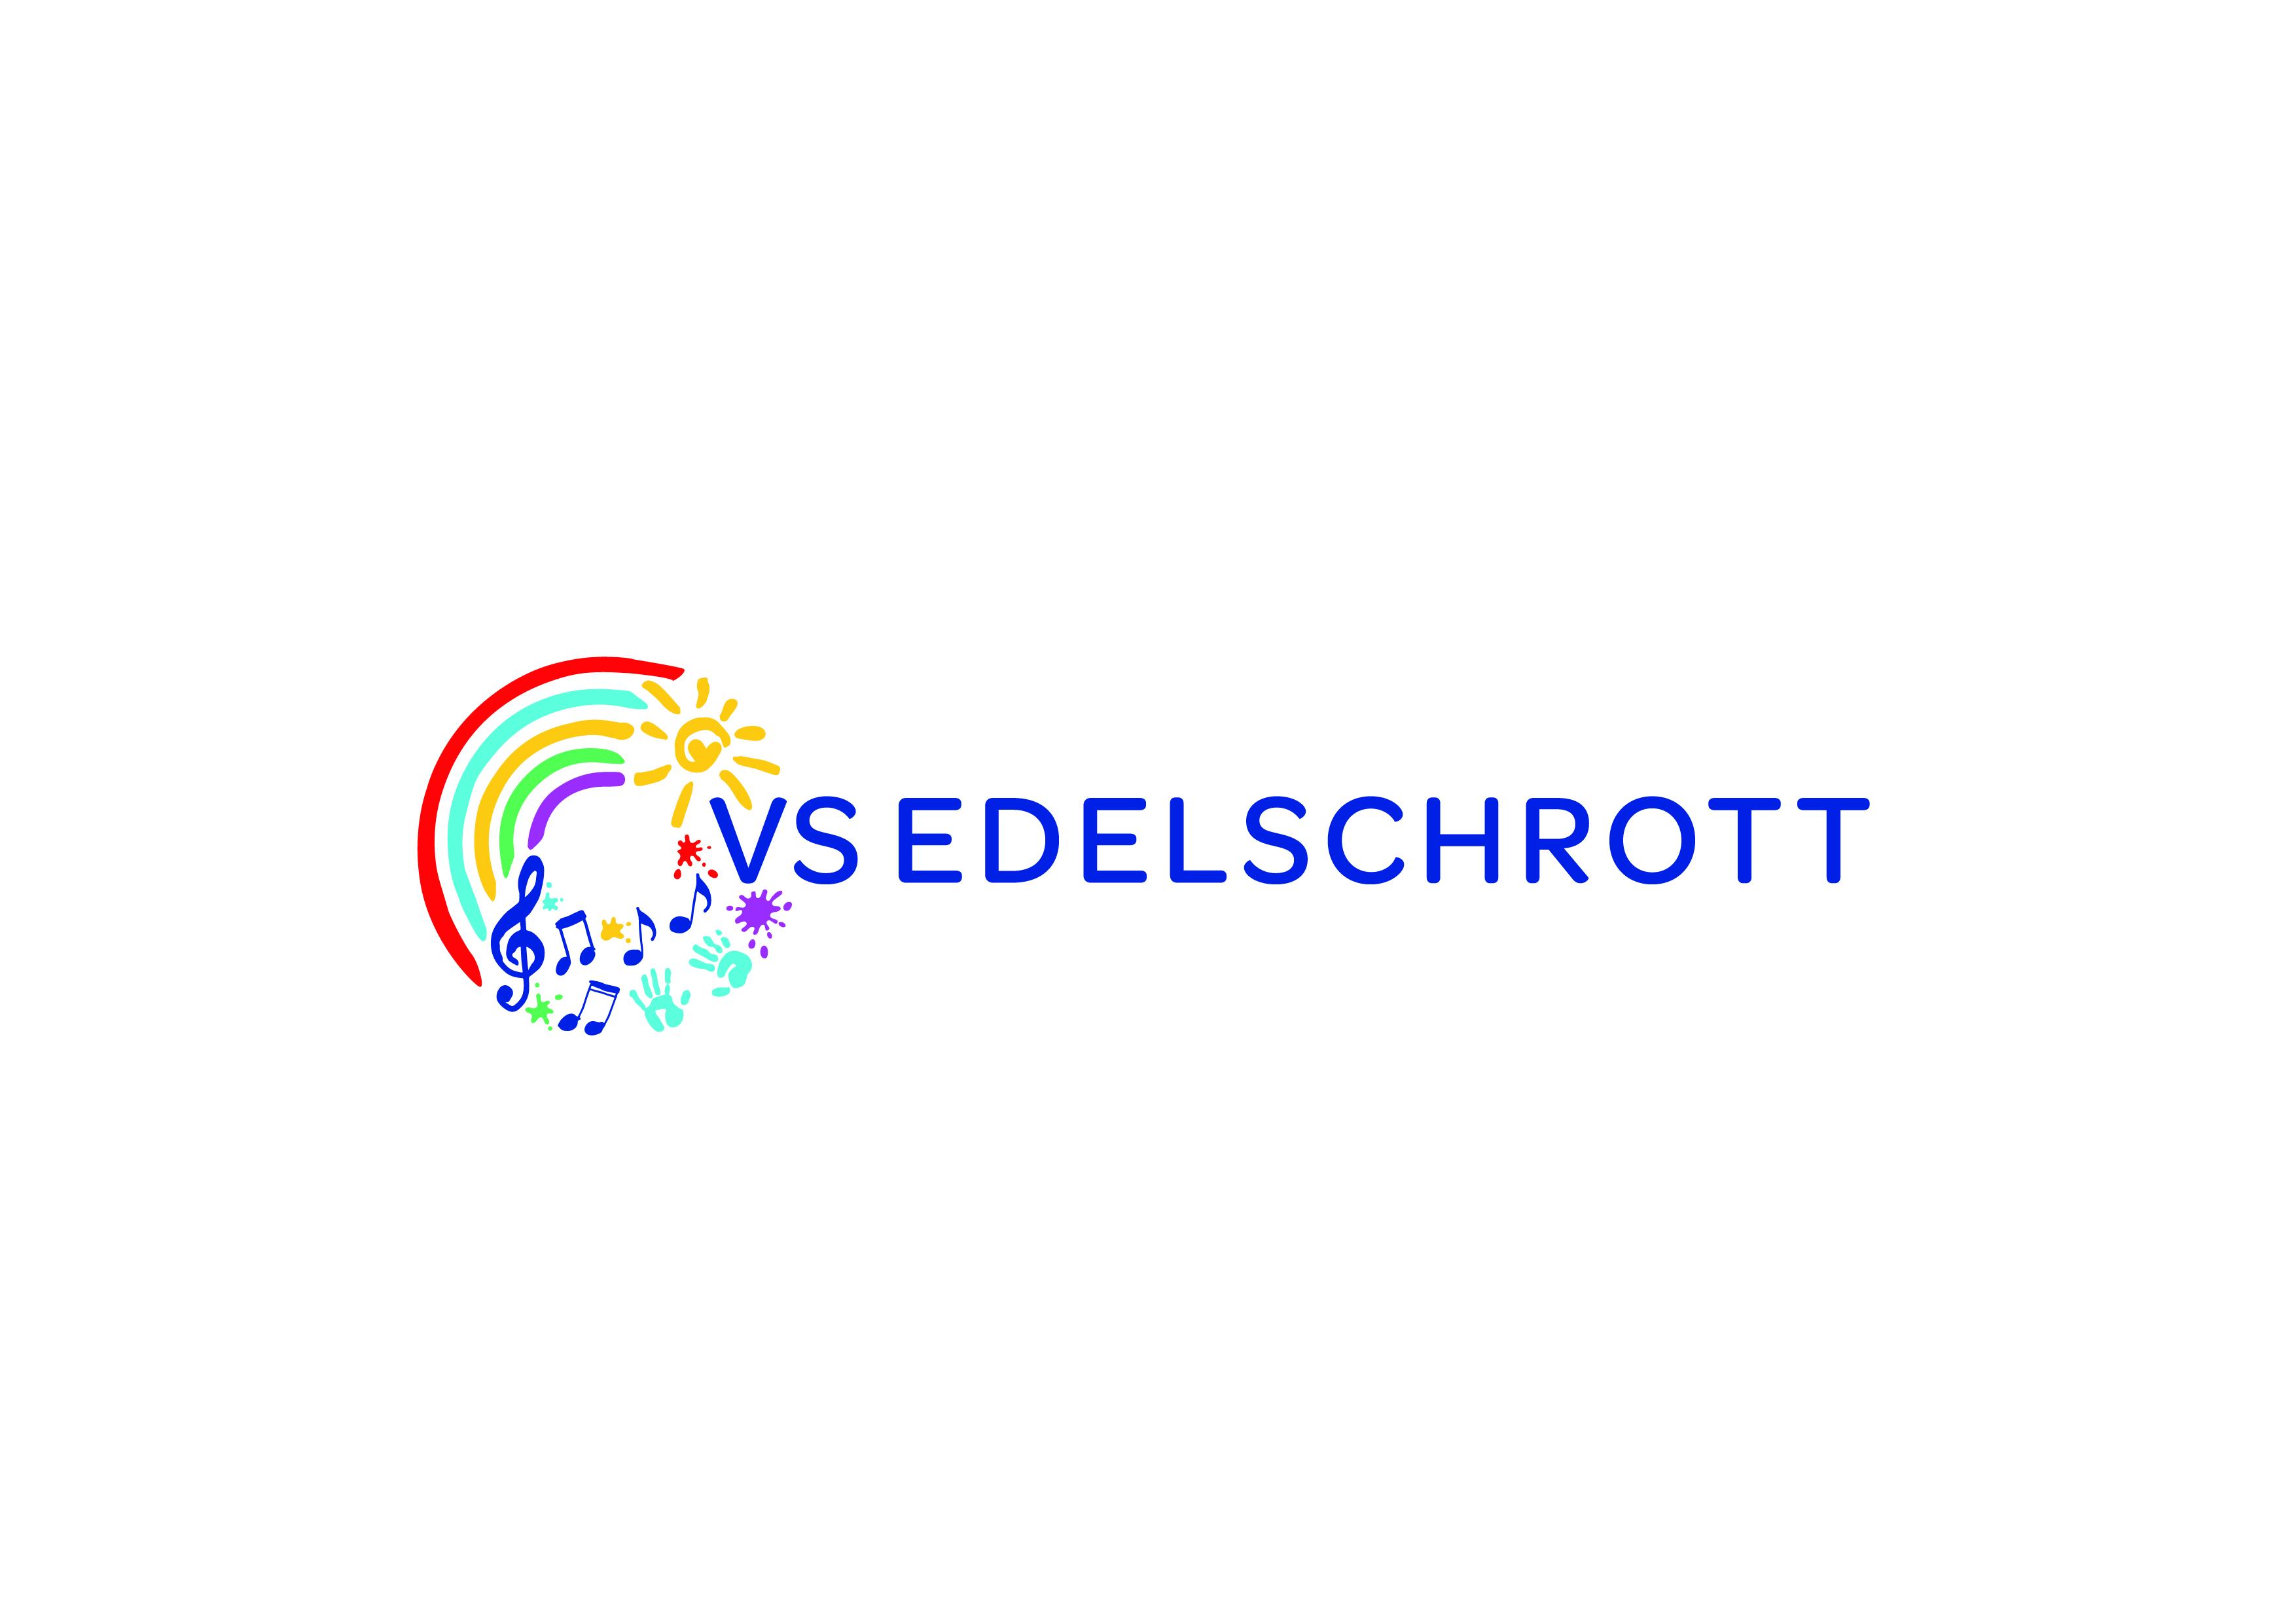 VS_EDELSCHROTT-Sekundär-Logo-bunt2.jpg